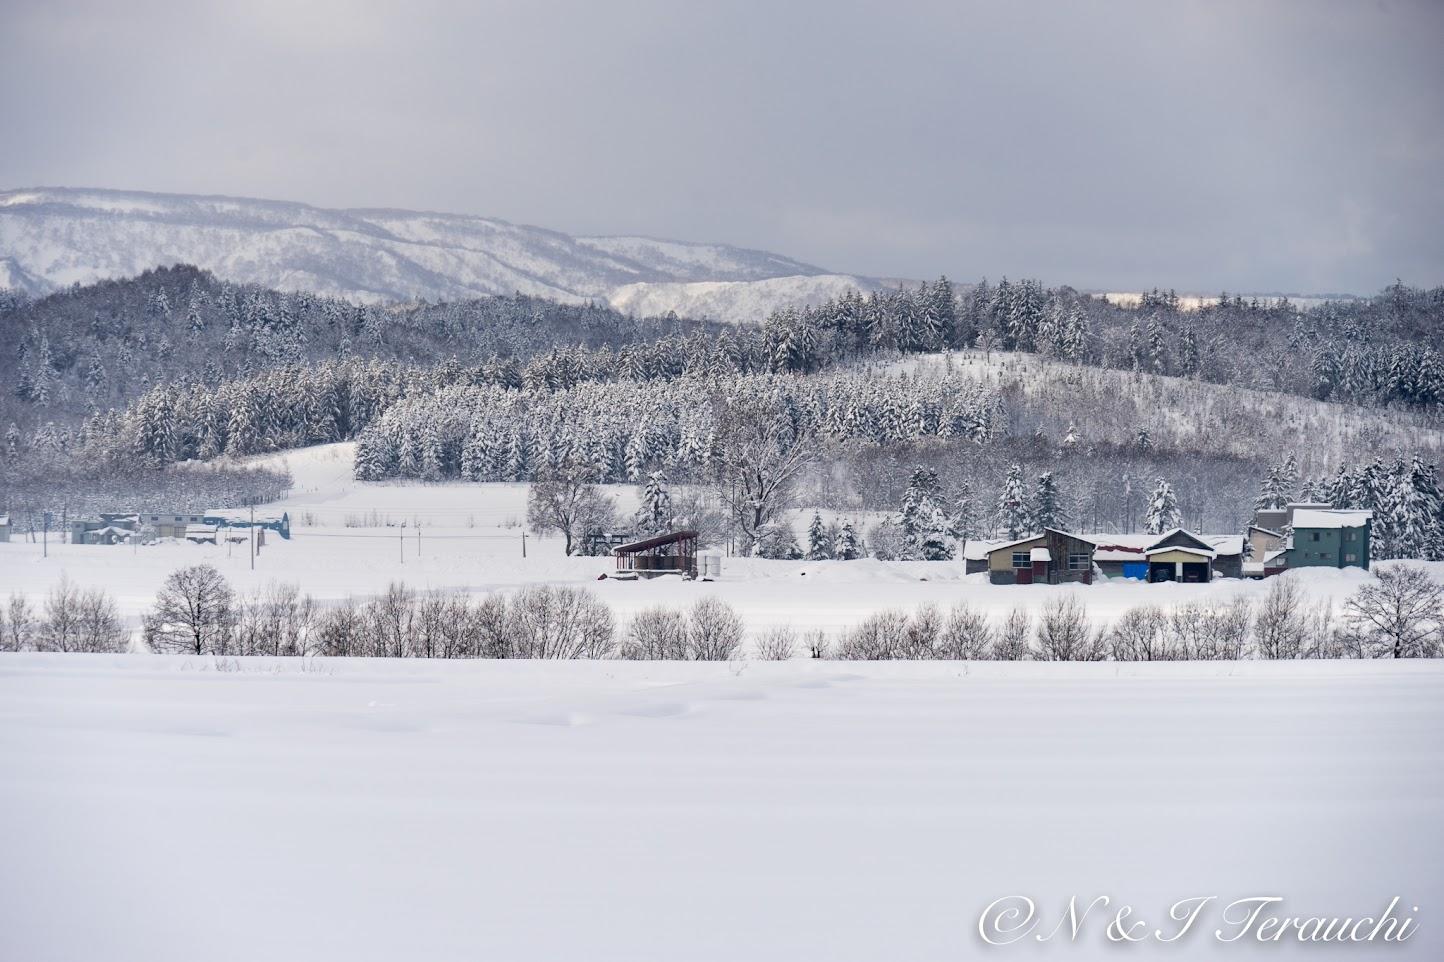 ヨーロッパのような雪景色